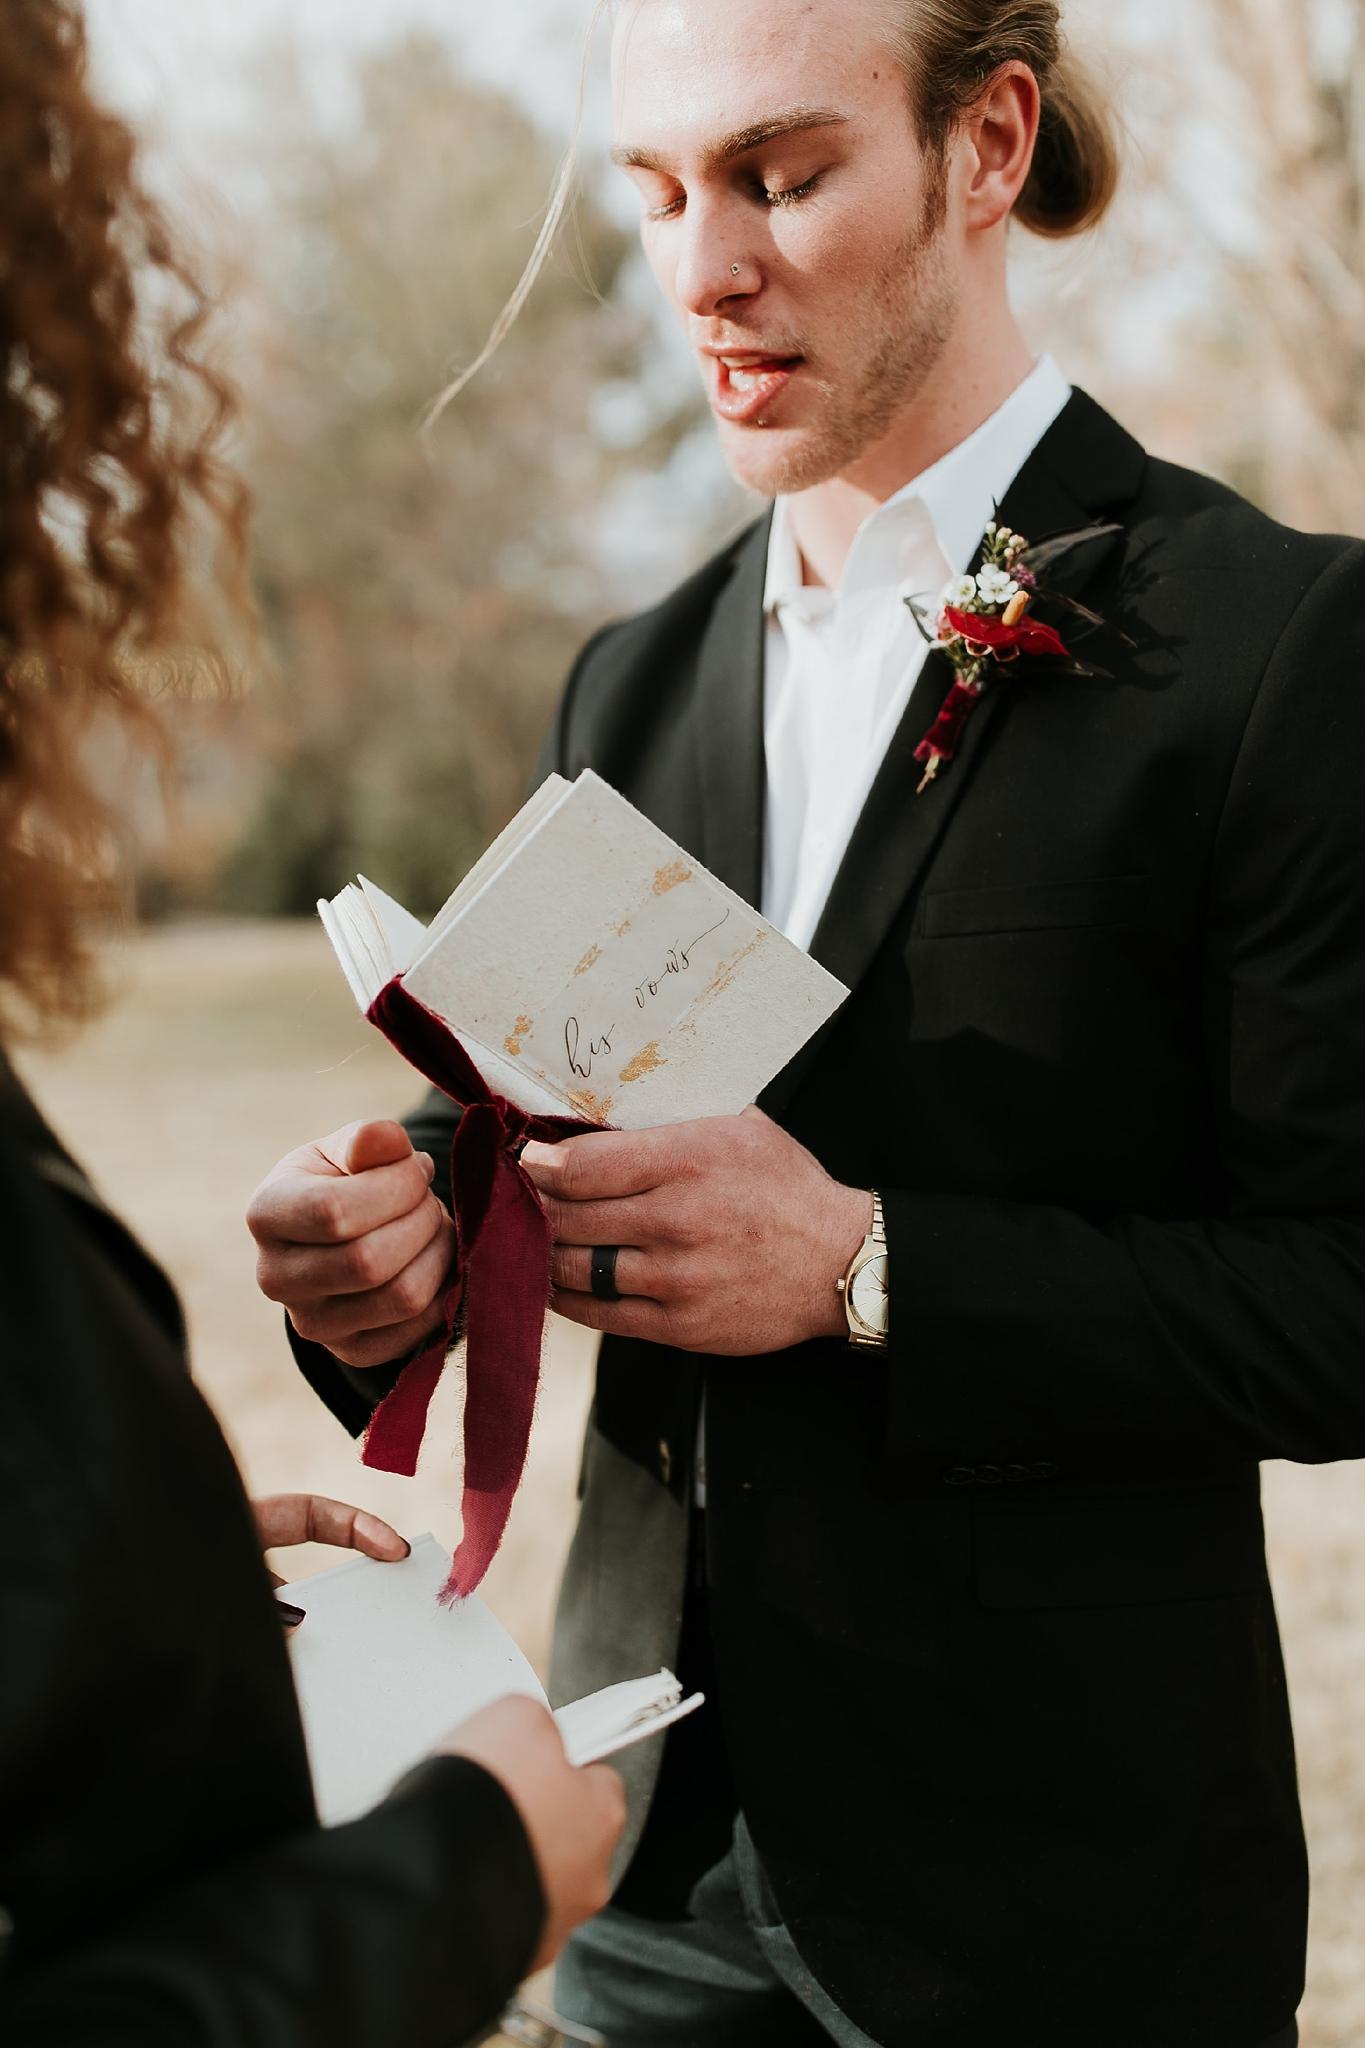 Alicia+lucia+photography+-+albuquerque+wedding+photographer+-+santa+fe+wedding+photography+-+new+mexico+wedding+photographer+-+new+mexico+wedding+-+wedding+vows+-+writing+your+own+vows+-+wedding+inspo_0040.jpg